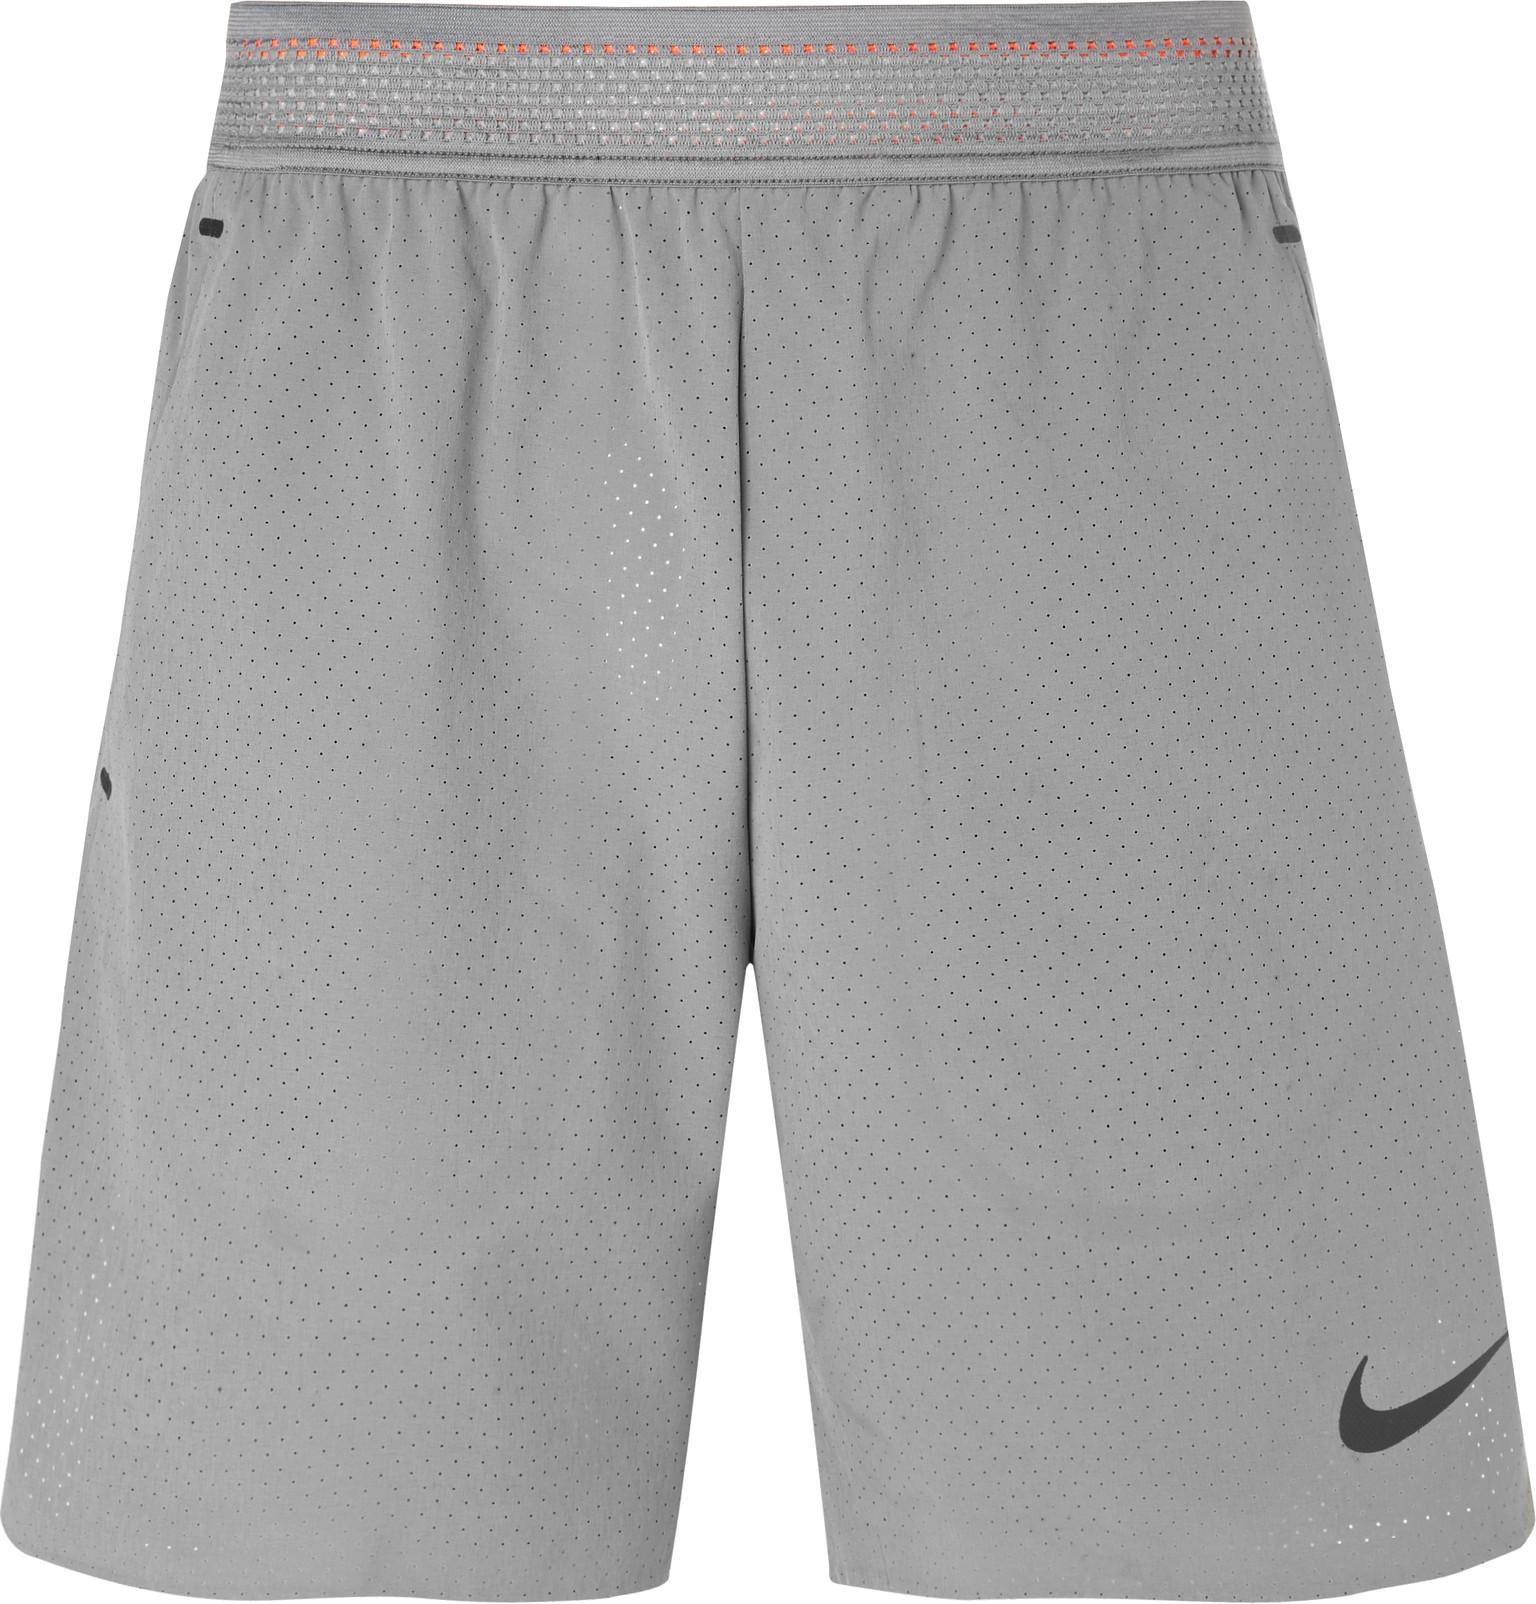 Flex-repel Dri-fit Mesh Shorts Nike dehjdxQl1L